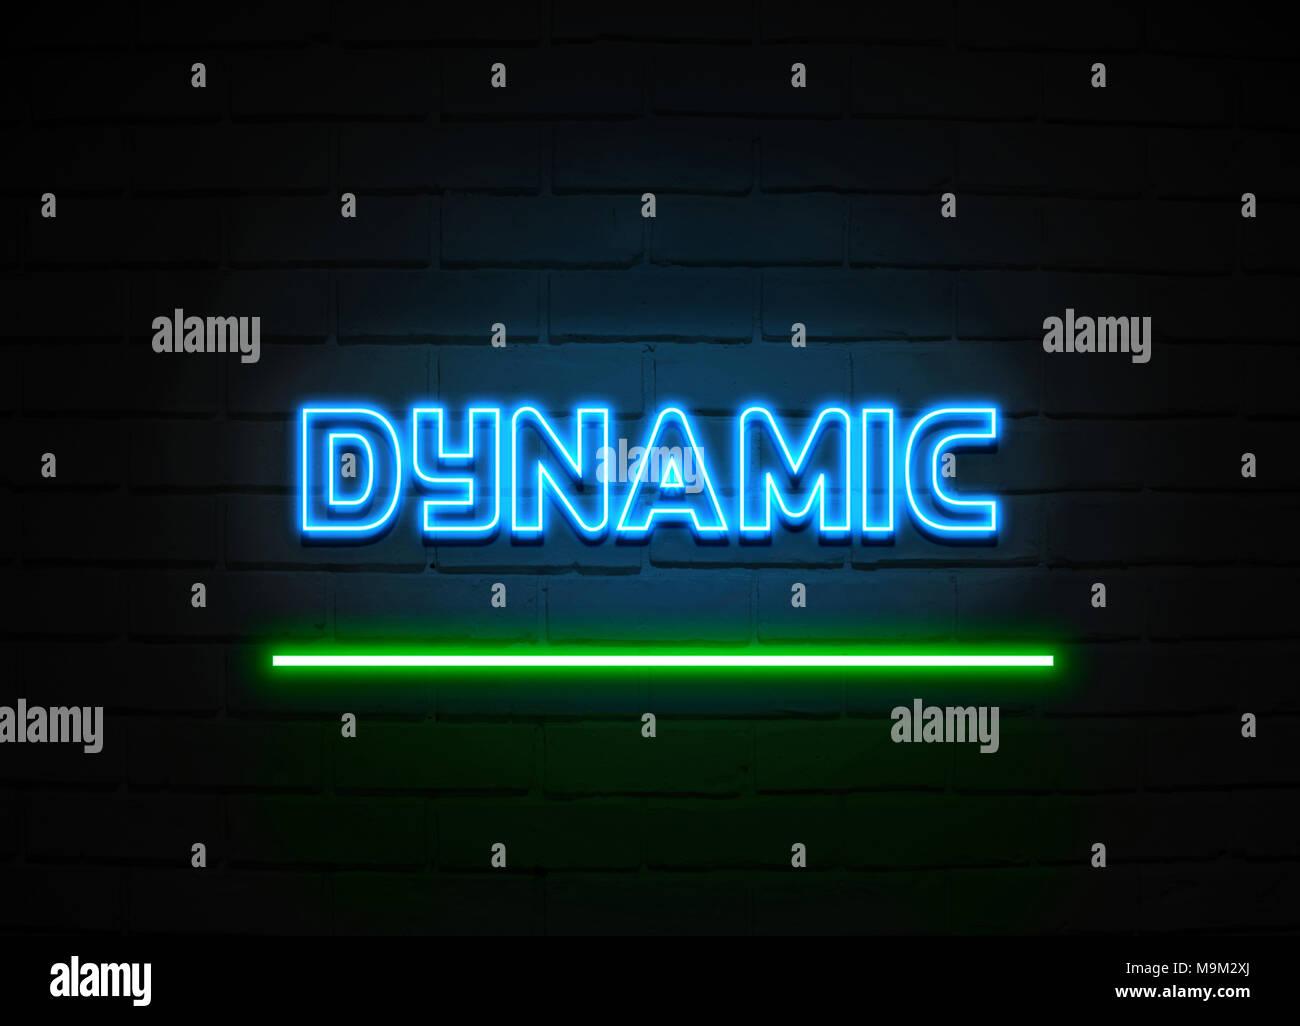 Dynamic insegna al neon - Neon incandescente segno sulla parete brickwall - 3D reso Royalty free stock illustrazione. Immagini Stock